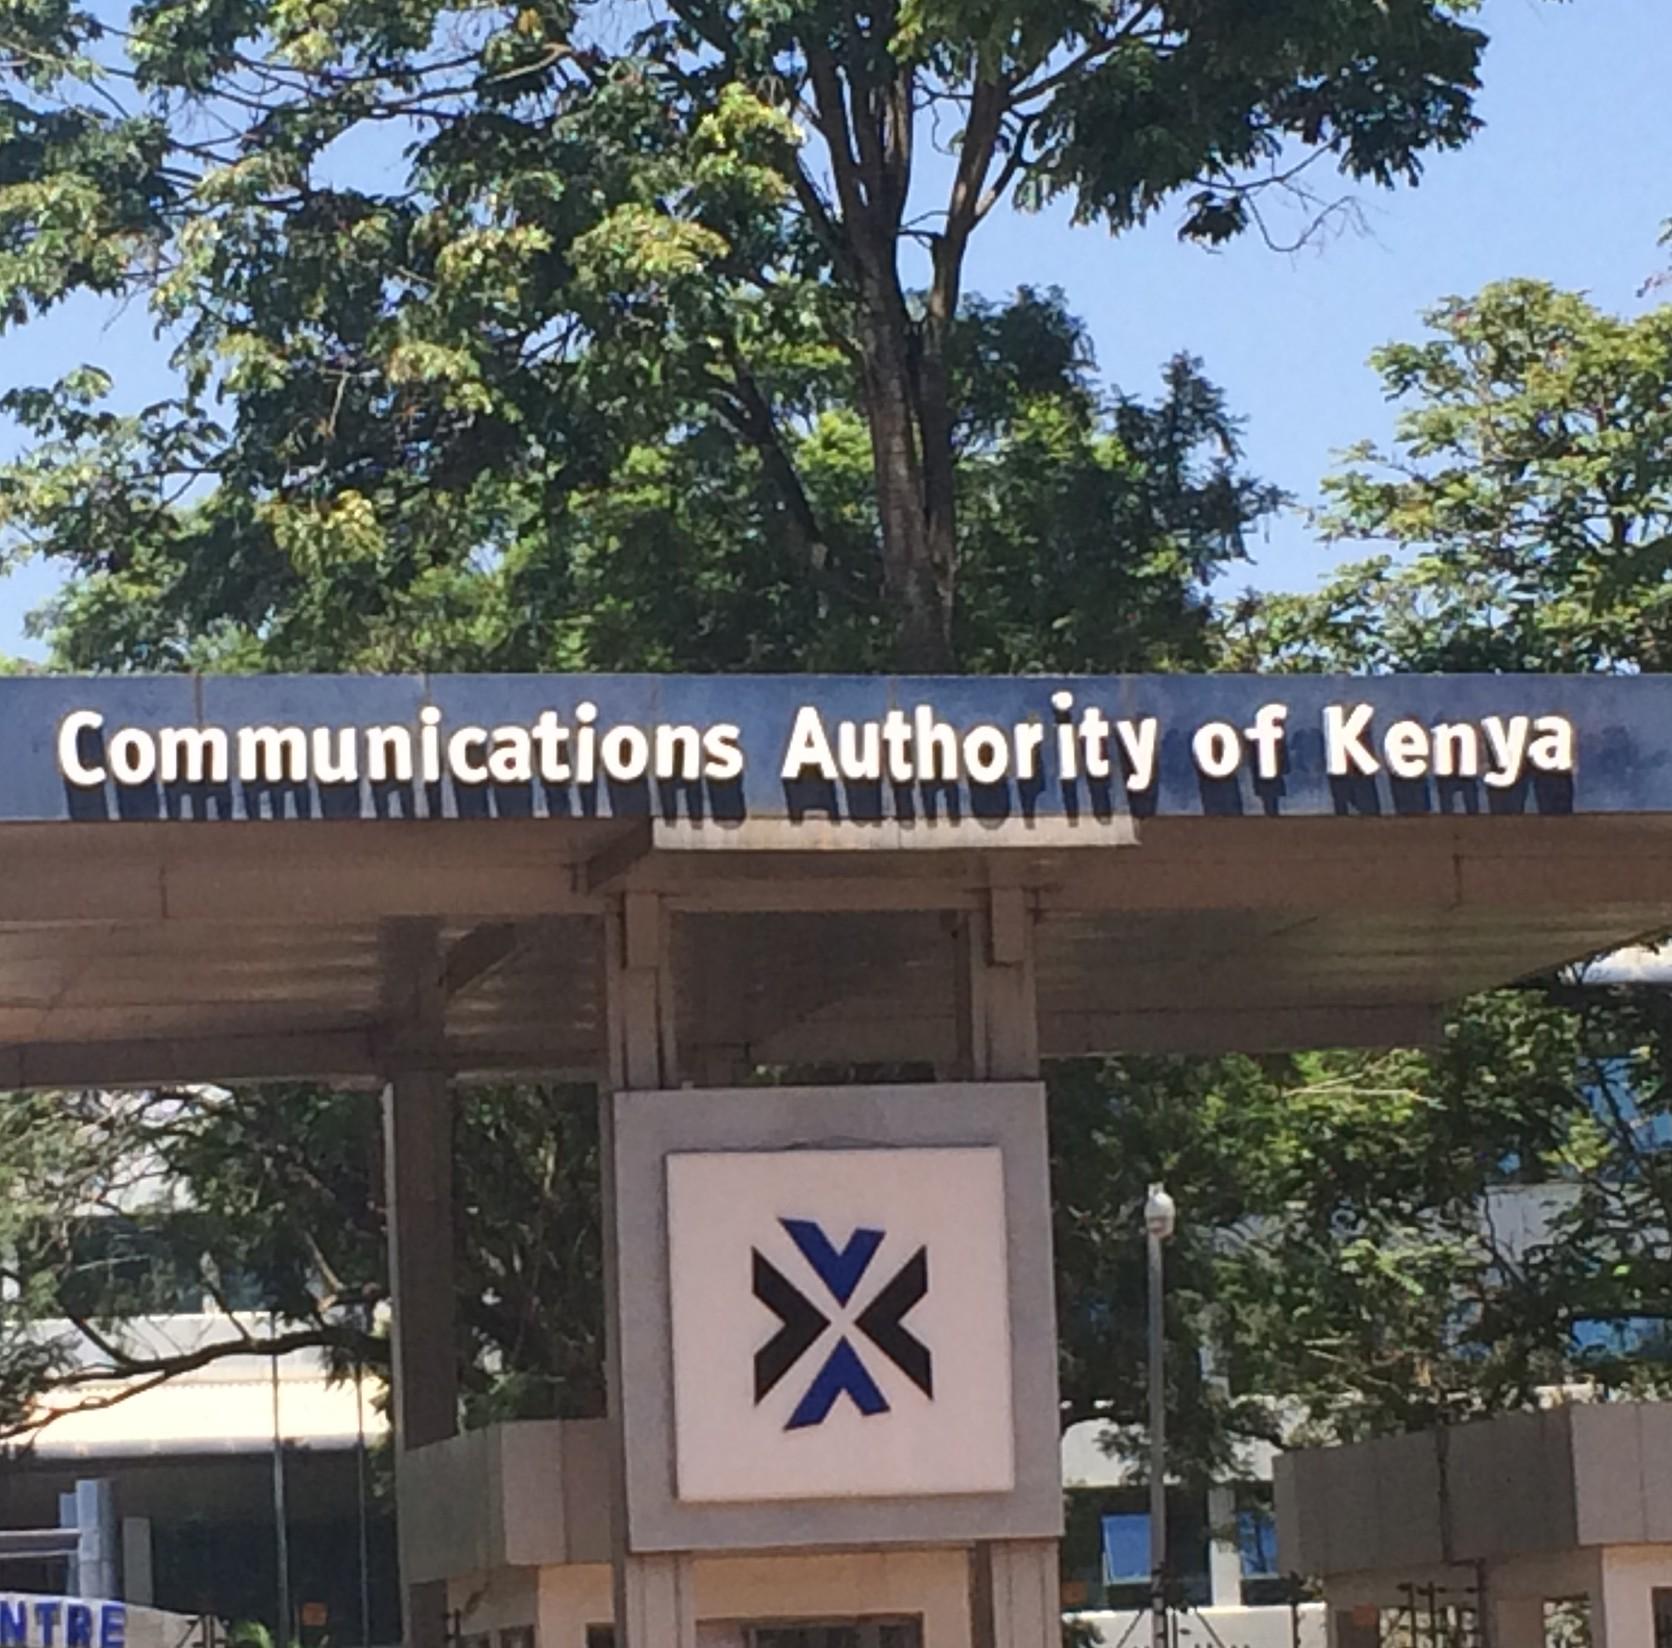 Communications Authority of Kenya